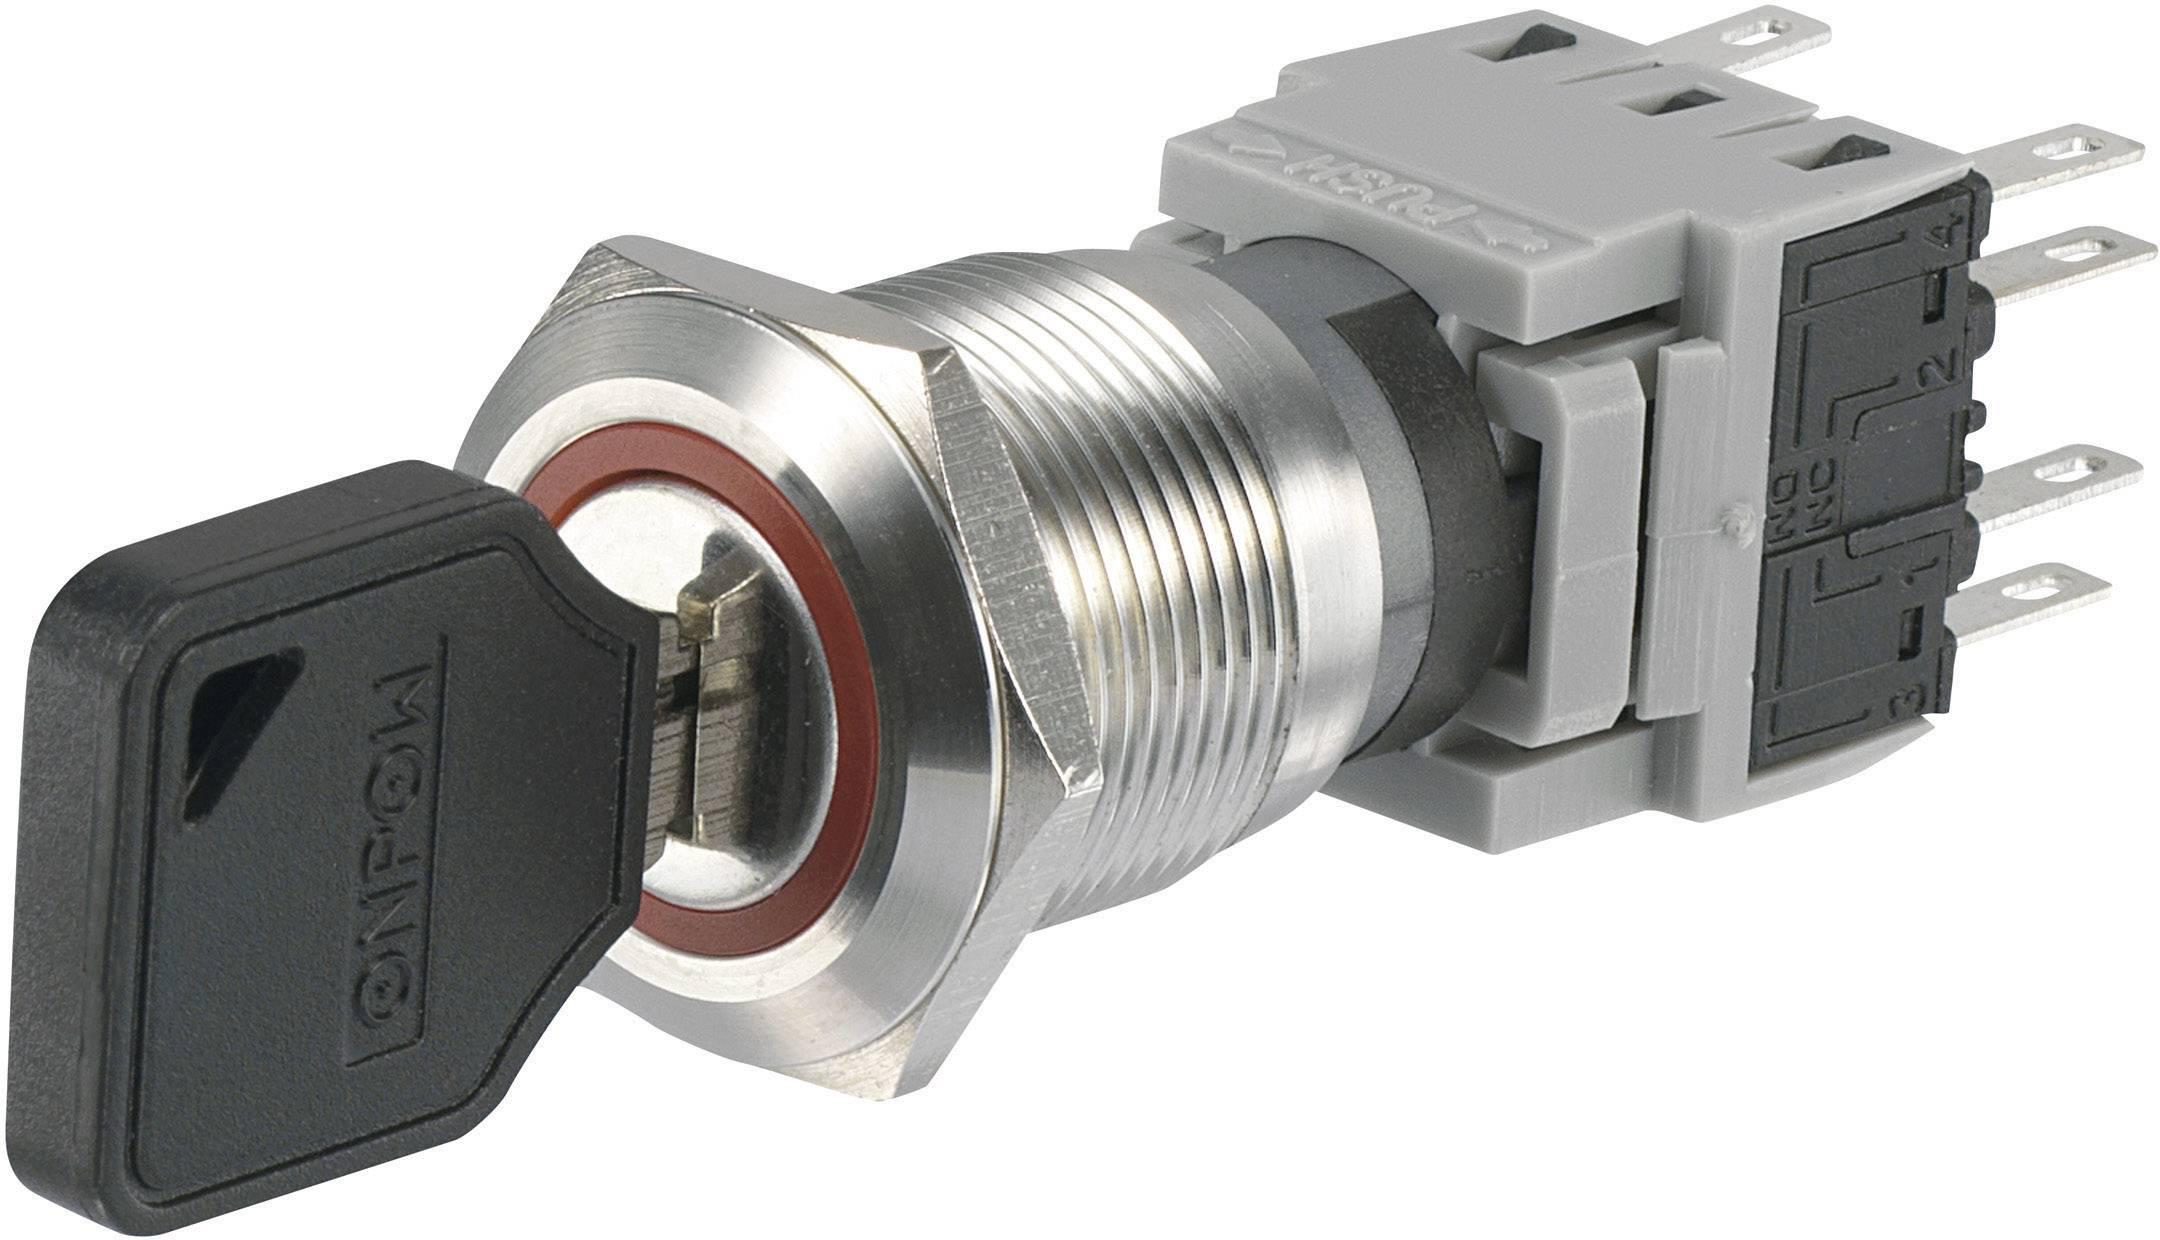 Kľúčový spínač TRU COMPONENTS LAS1-BGQ-22Y/32 704438, 250 V/AC, 5 A, 2x zap/vyp/(zap), 2 x 90 °, IP40, 1 ks